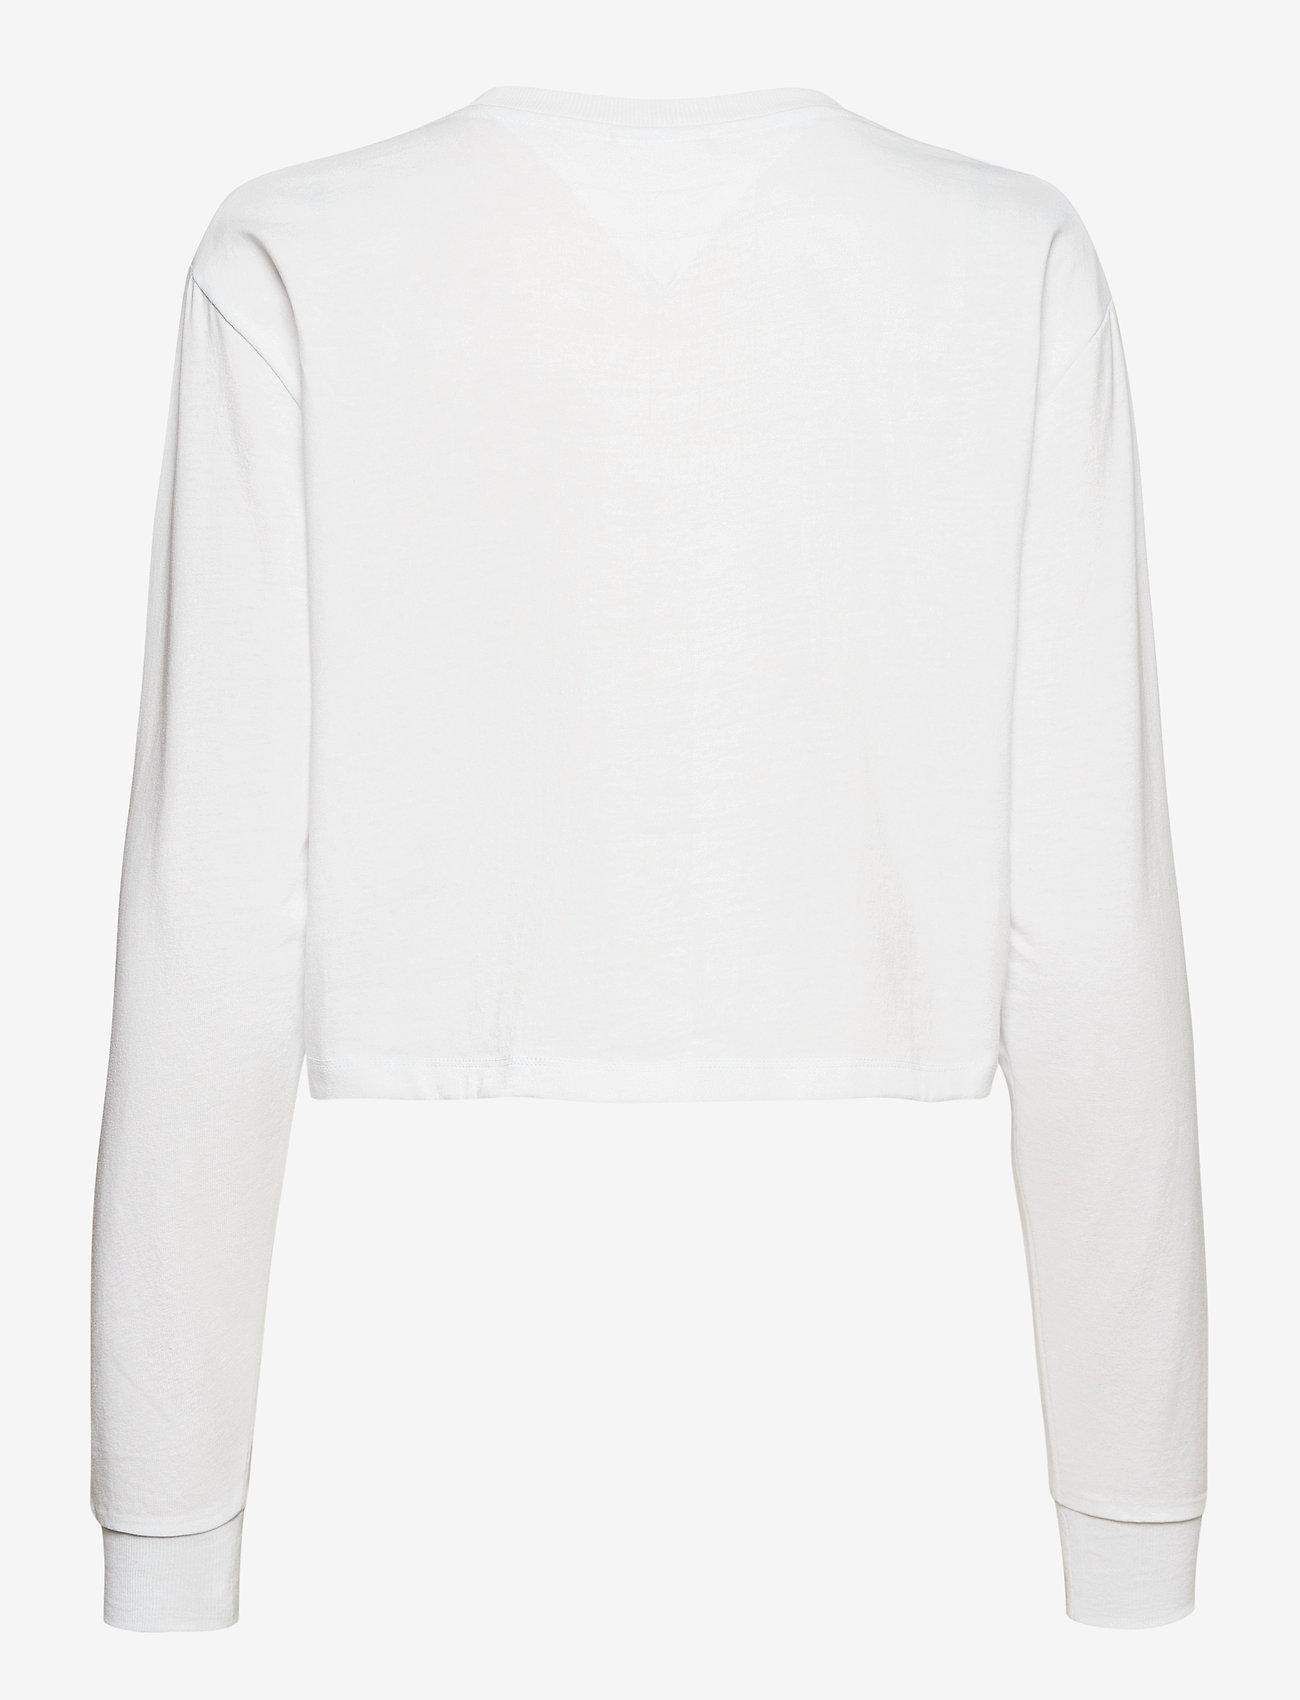 Tommy Jeans - TJW LINEAR LOGO LONGSLEEVE - crop tops - white - 1